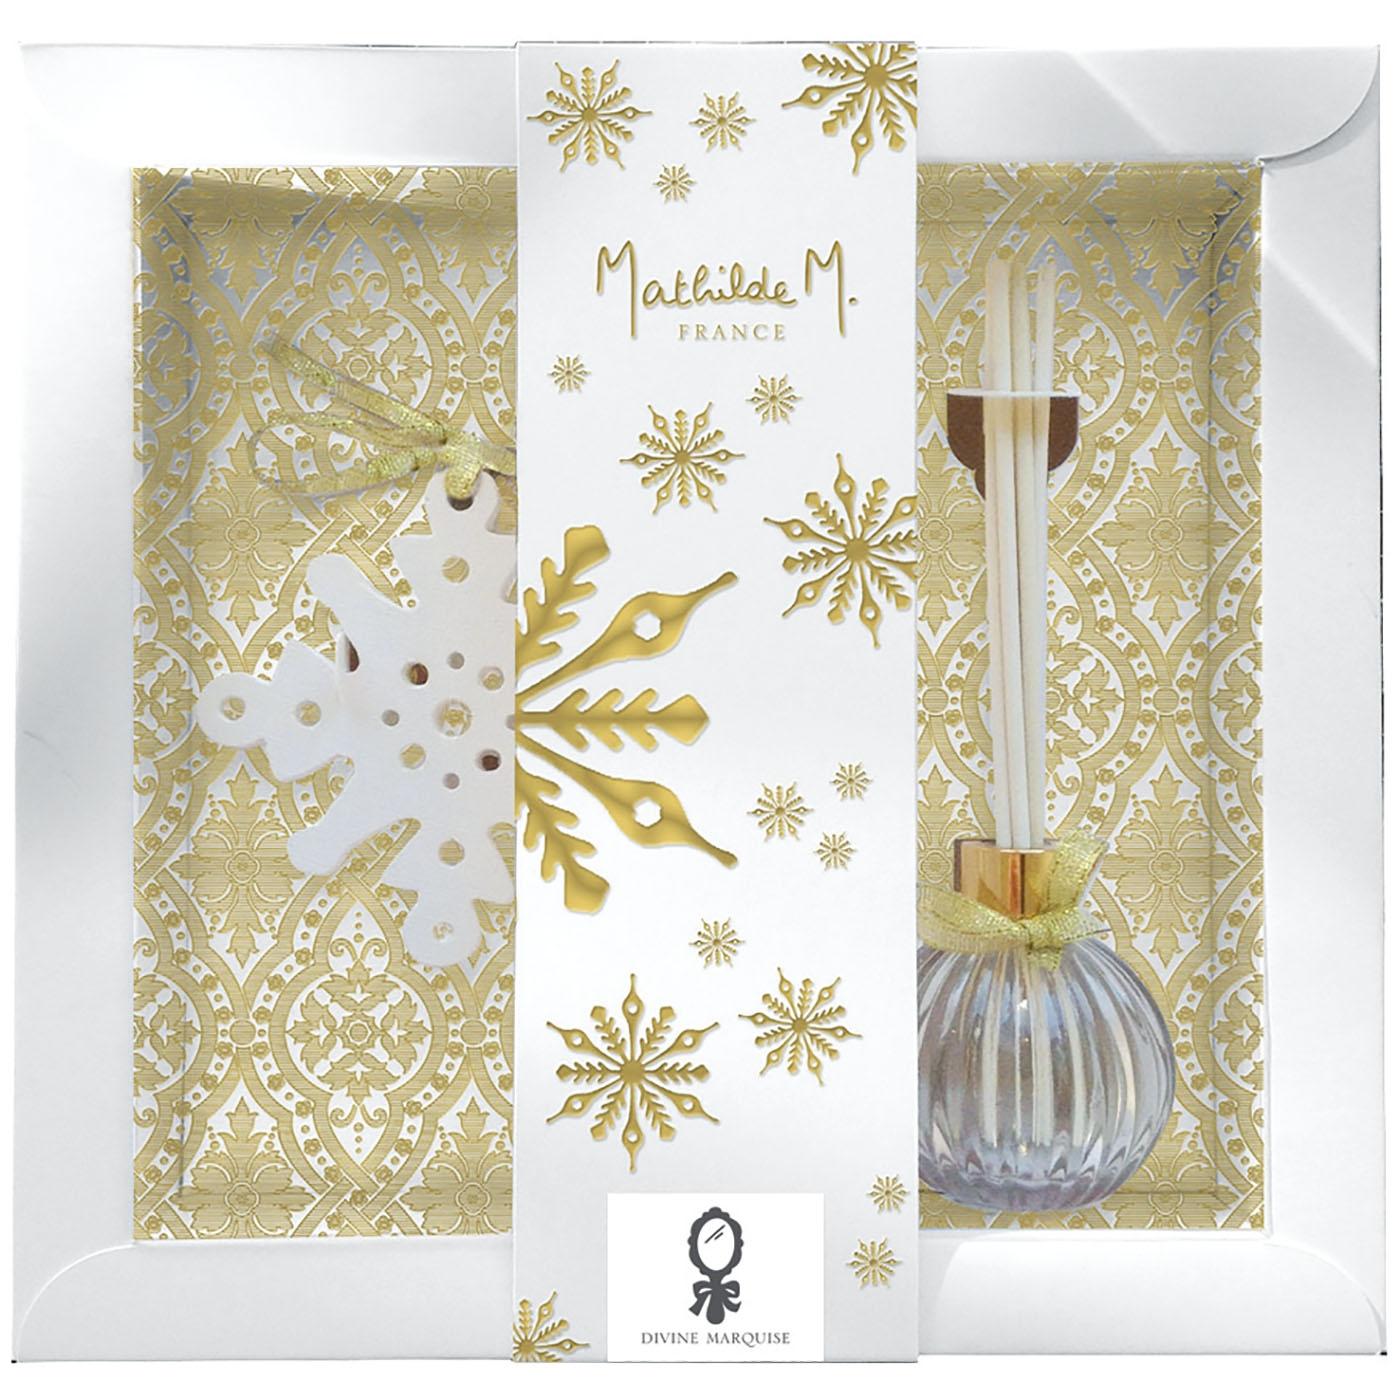 Cofanetto regalo con diffusore, bastoncini, decoro fiocco di neve. Flacone 100 ml Divine Marquise